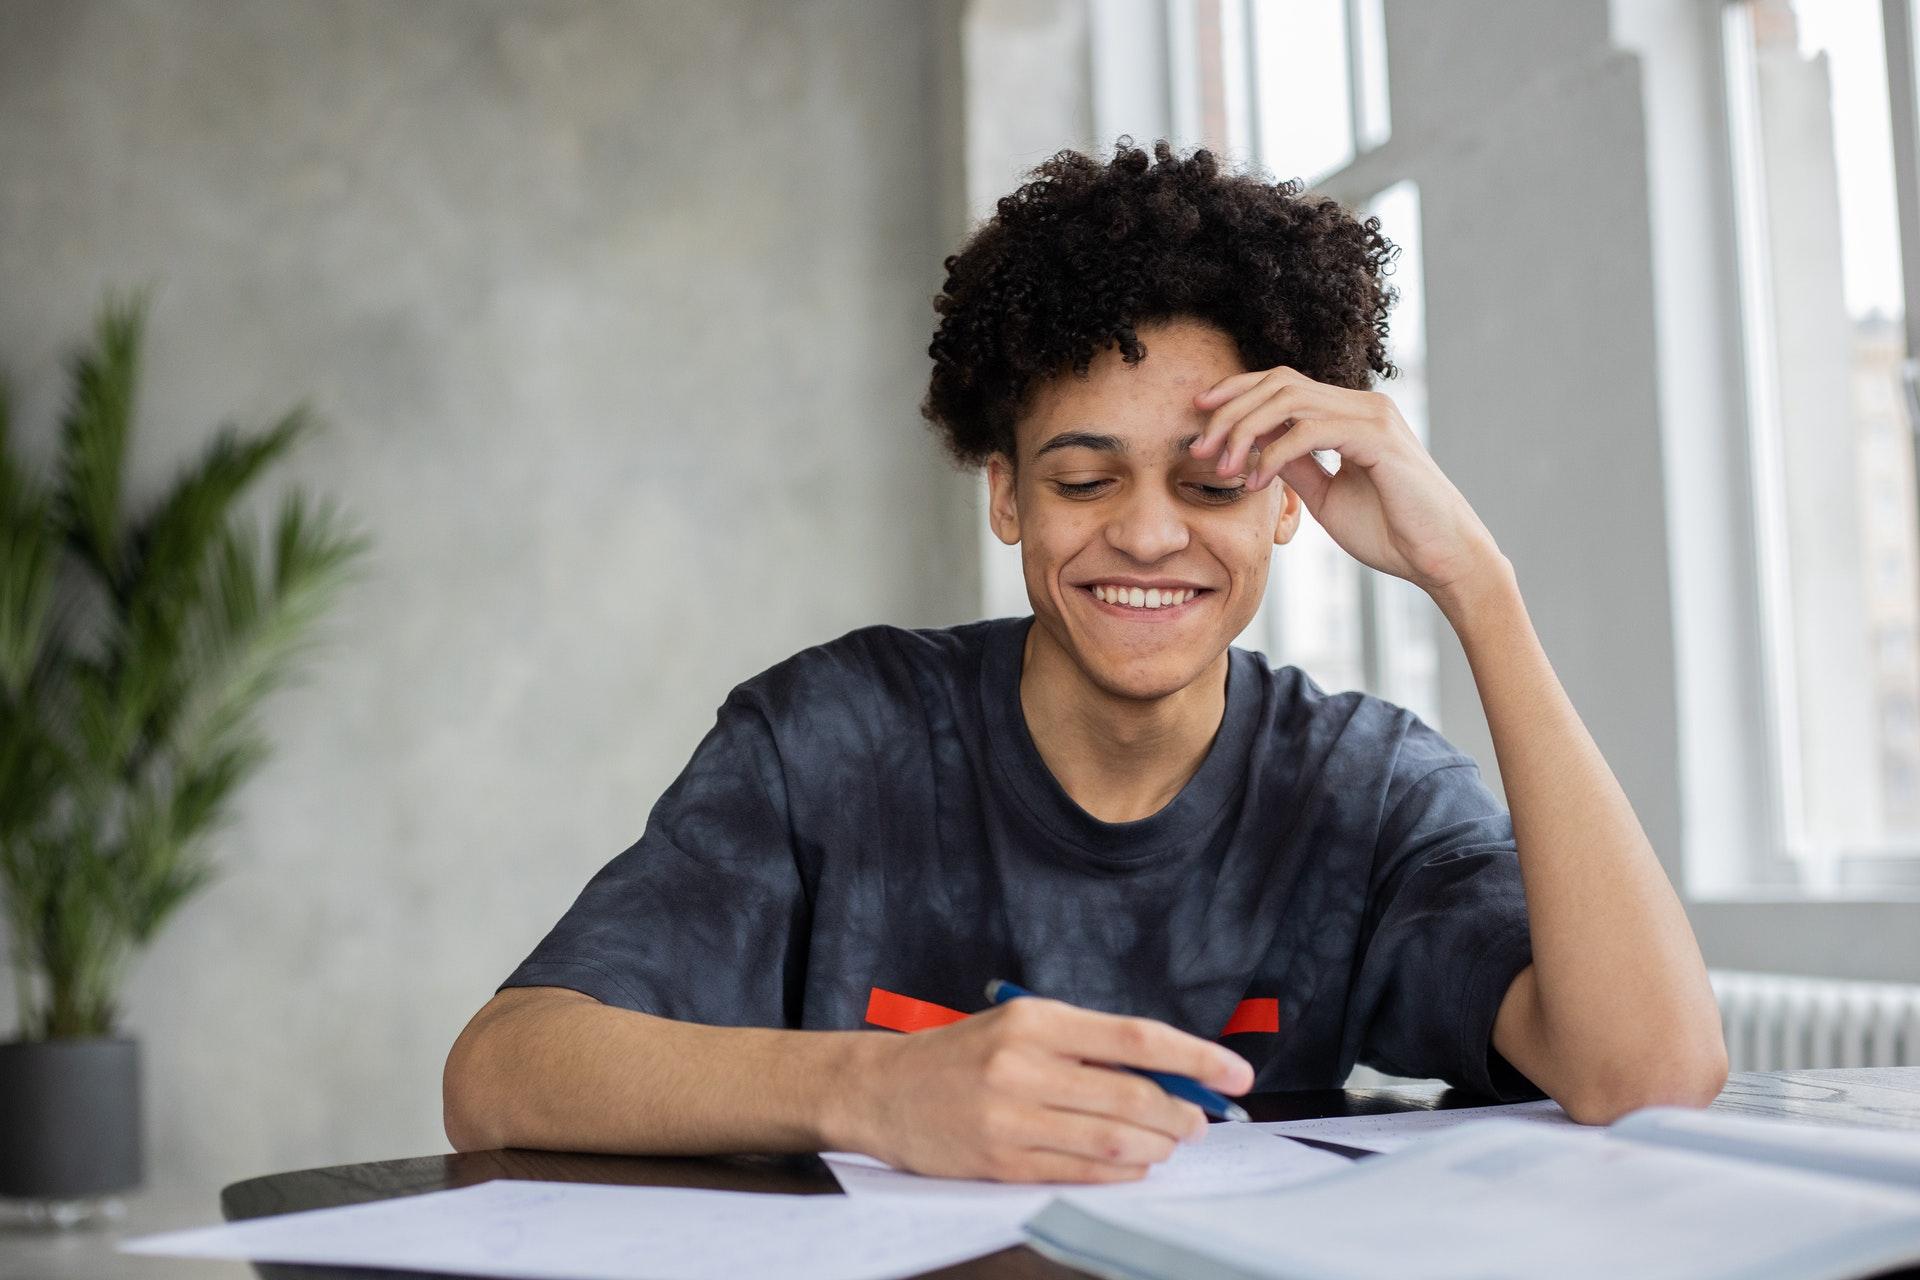 rapaz pesquisando sobre seguros estudantis